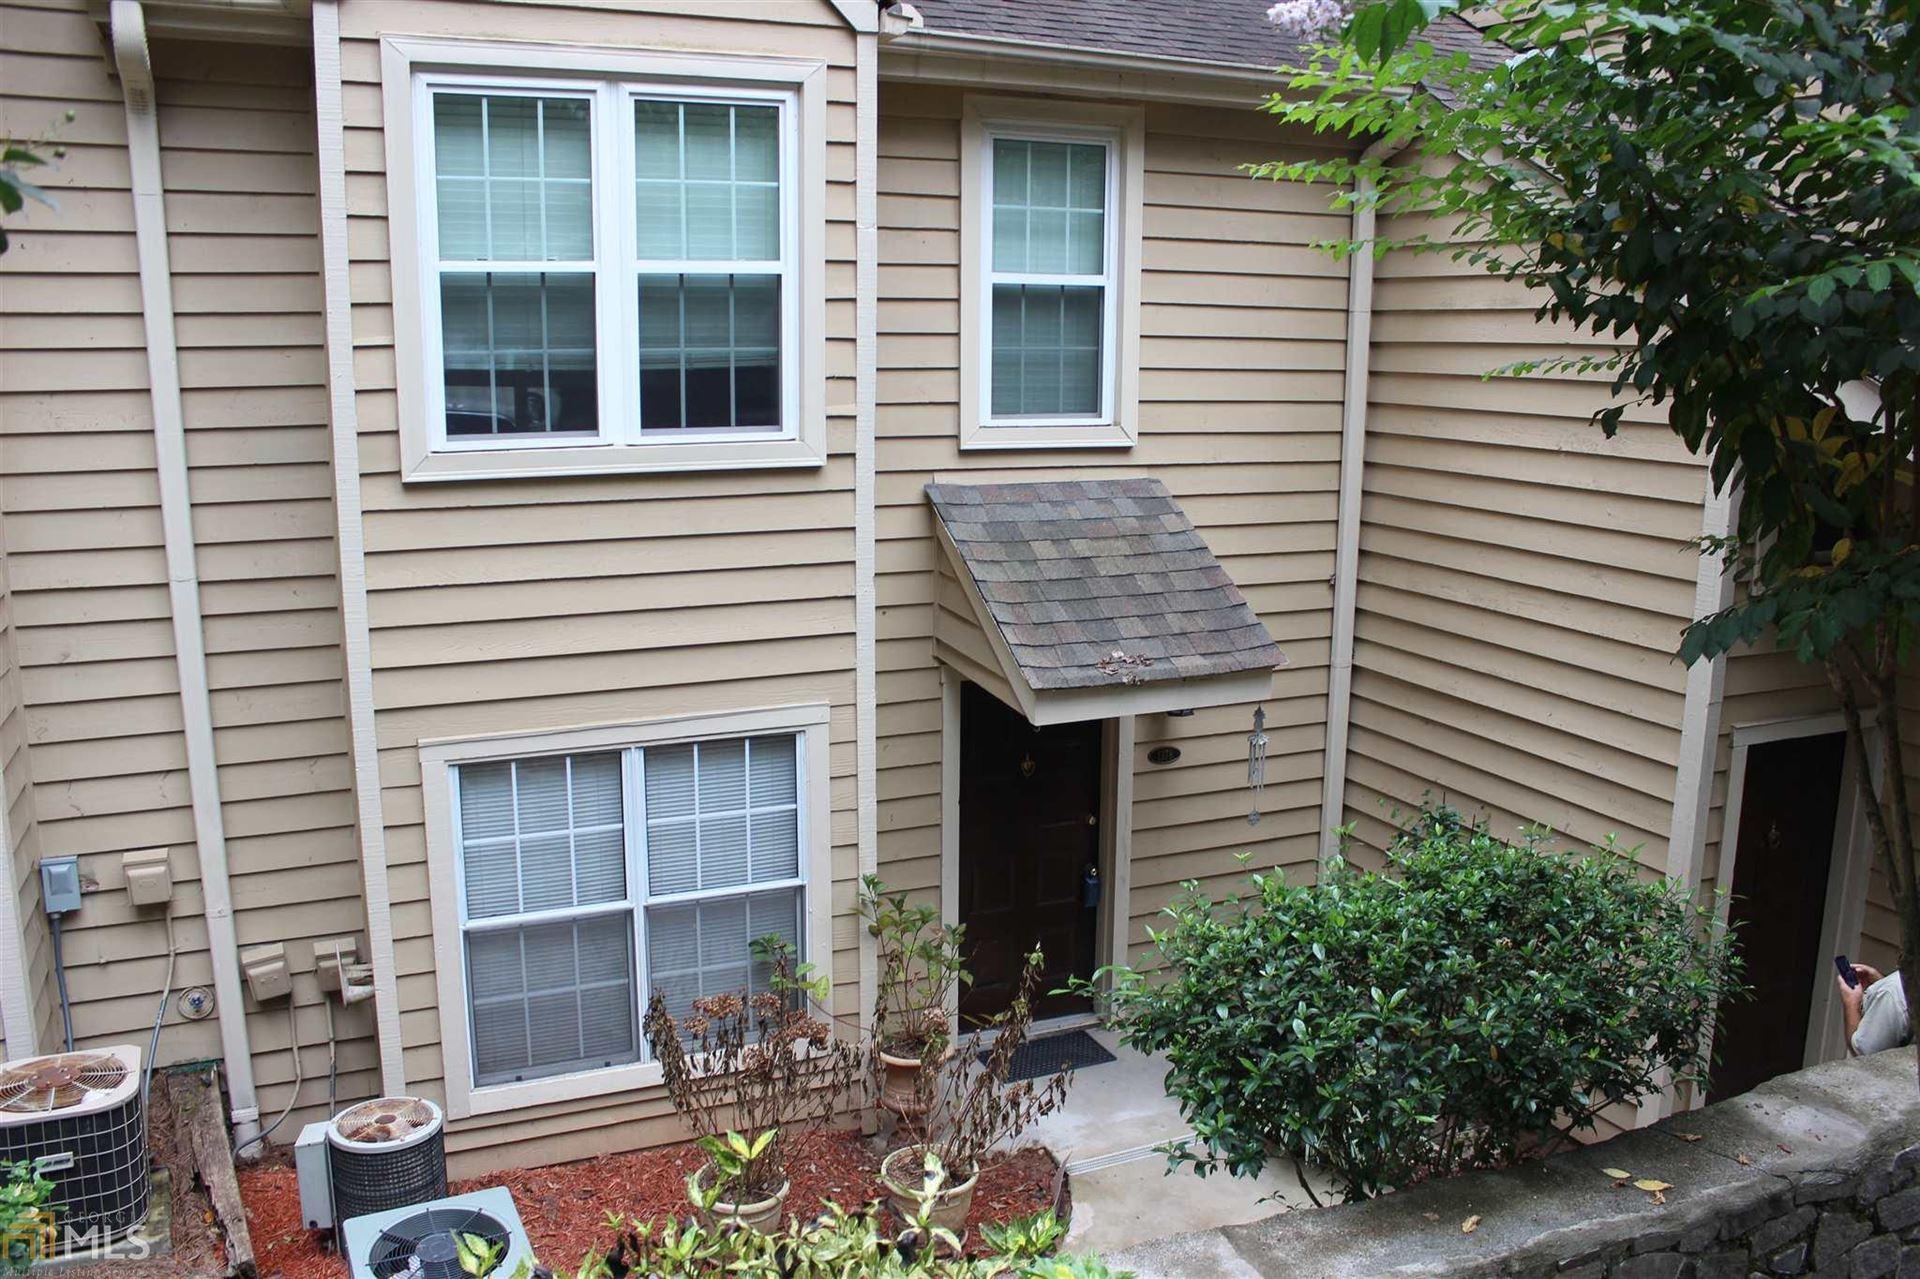 1378 N Crossing Dr, Atlanta, GA 30329 - MLS#: 8857839